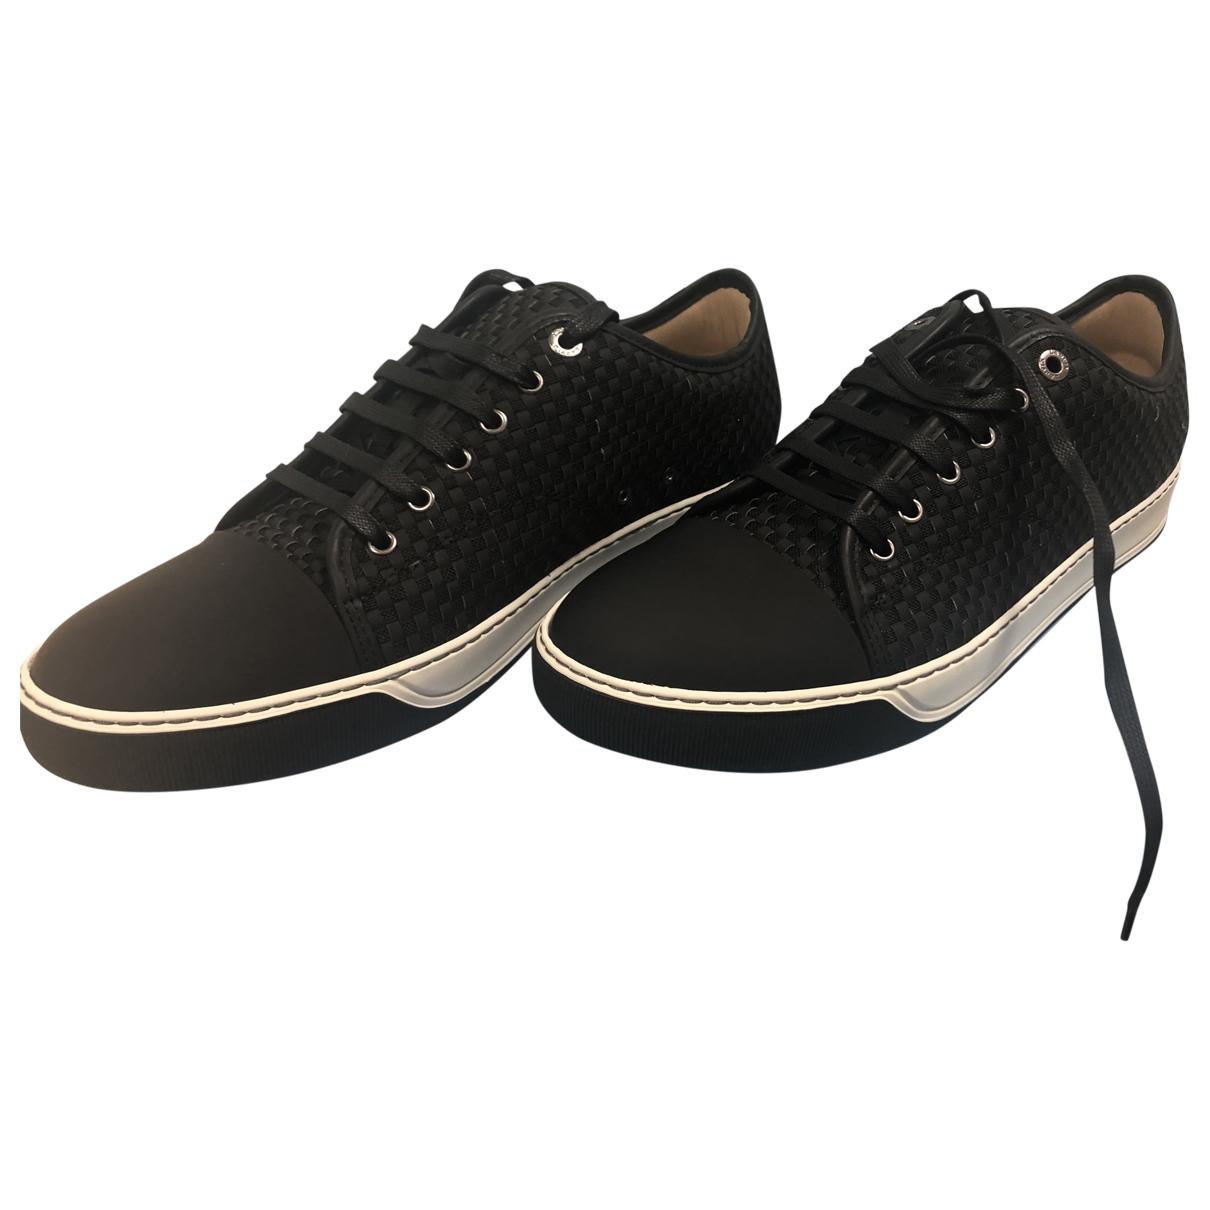 Lanvin - Baskets   pour homme en cuir - noir